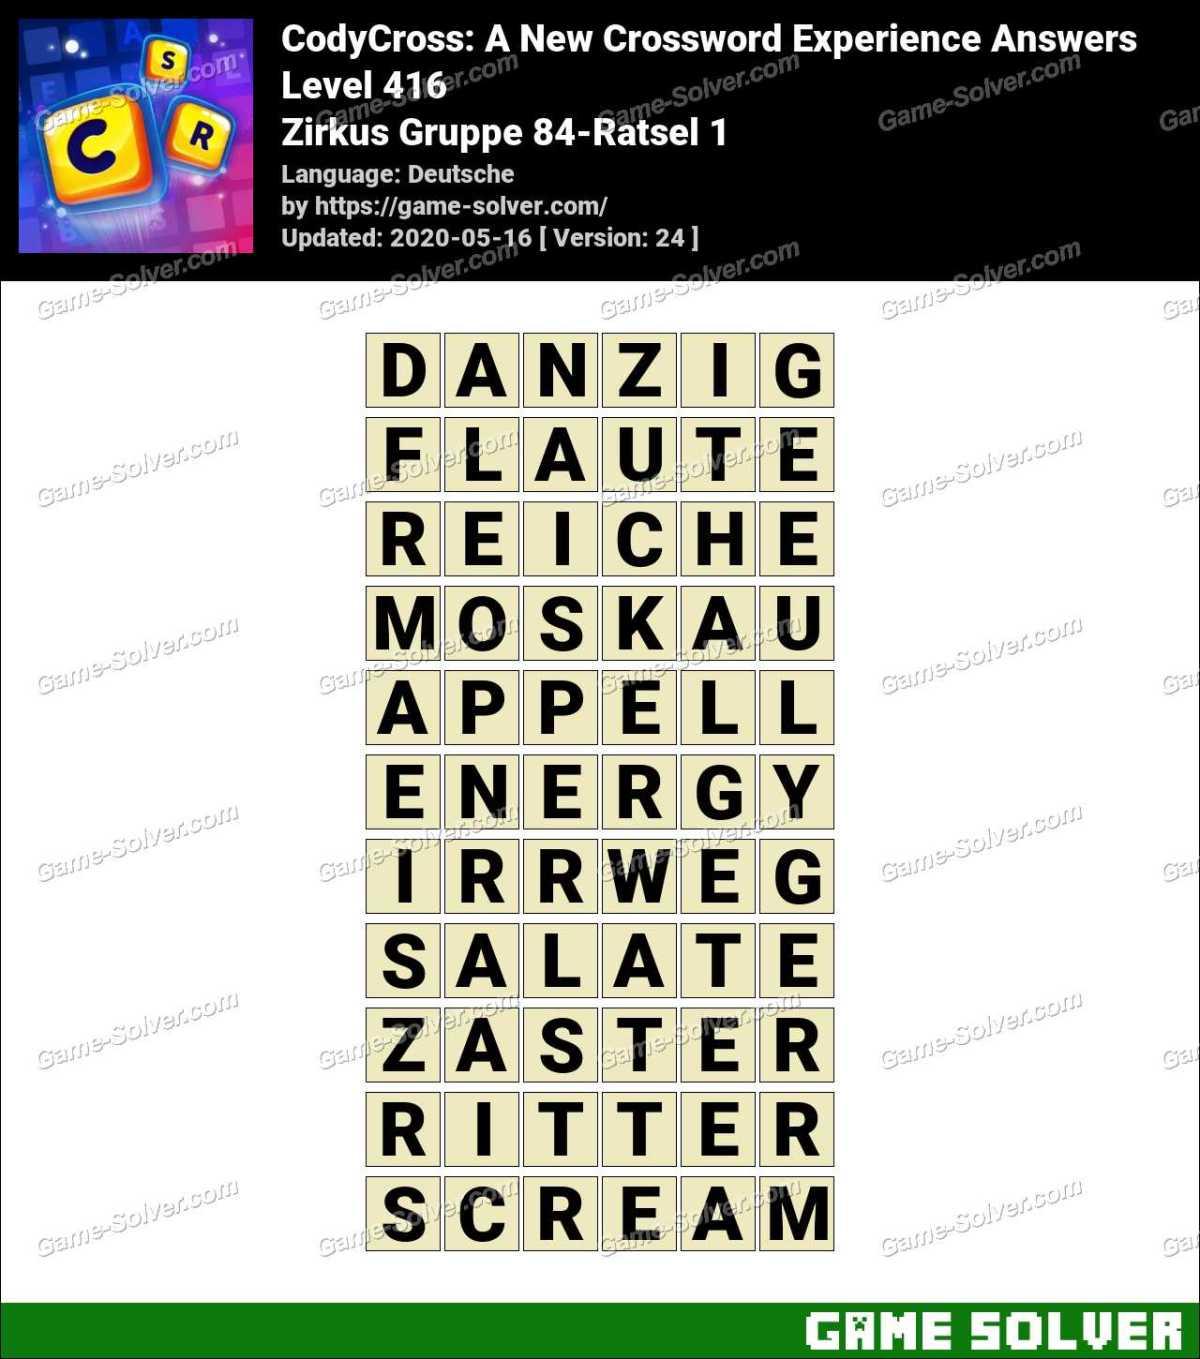 CodyCross Zirkus Gruppe 84-Ratsel 1 Lösungen